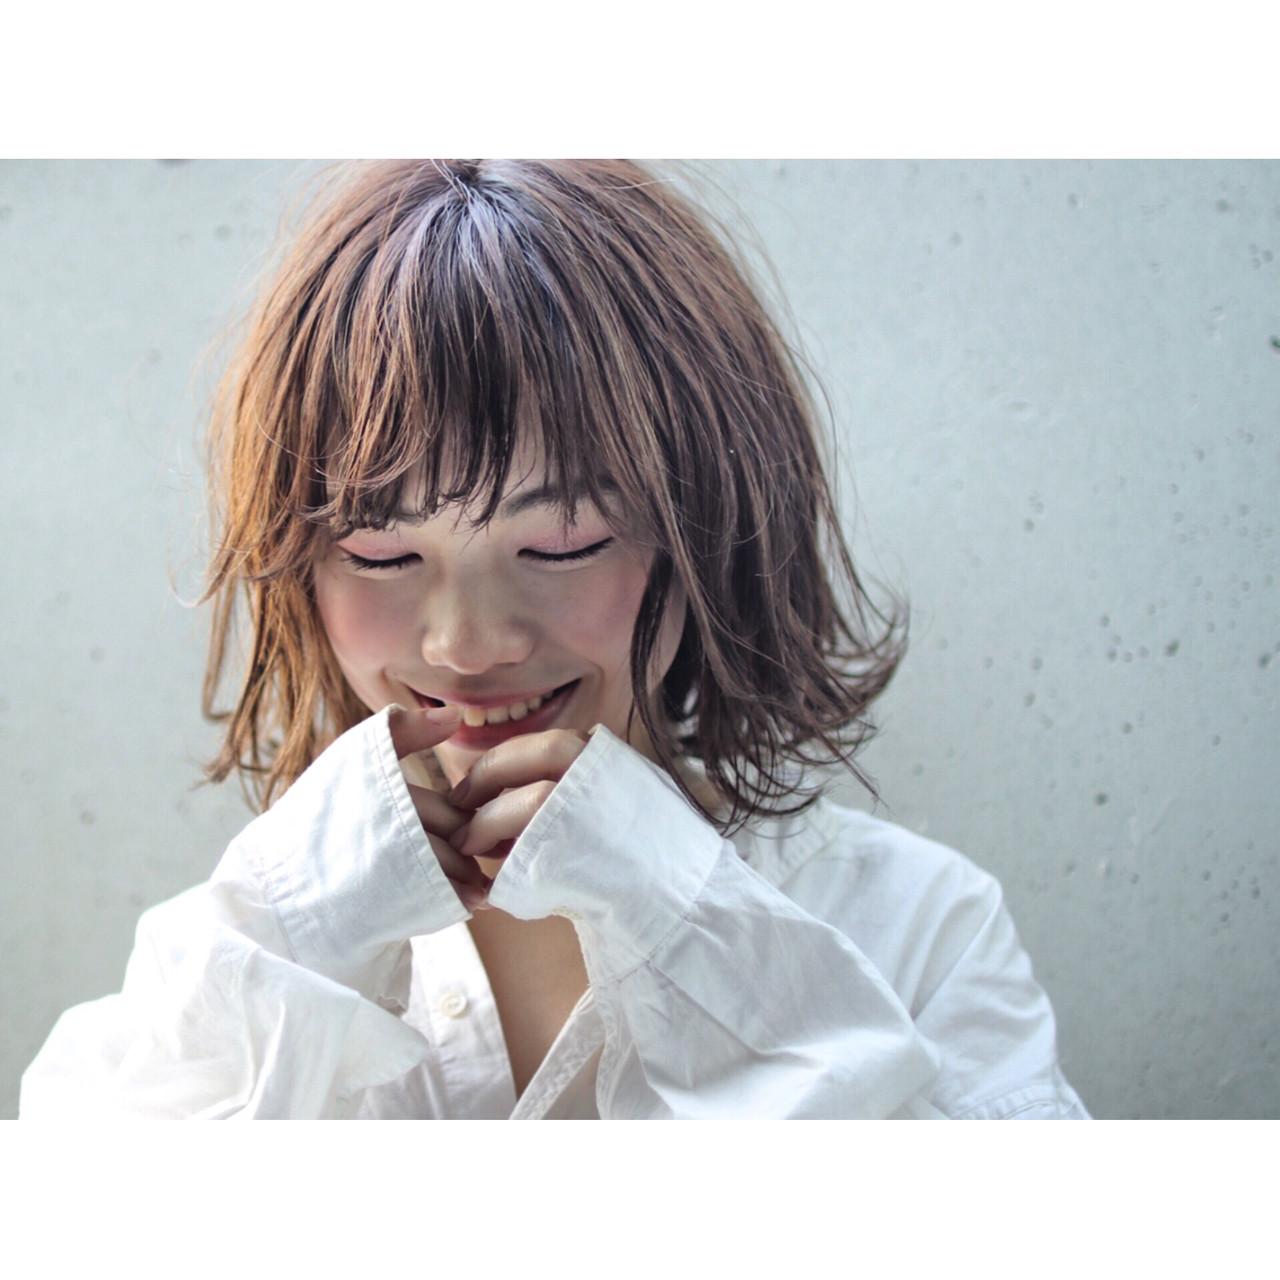 ミディアム 色気 ボブ 前髪あり ヘアスタイルや髪型の写真・画像 | 鈴木 祐一郎 / ZENKO 吉祥寺 Chere